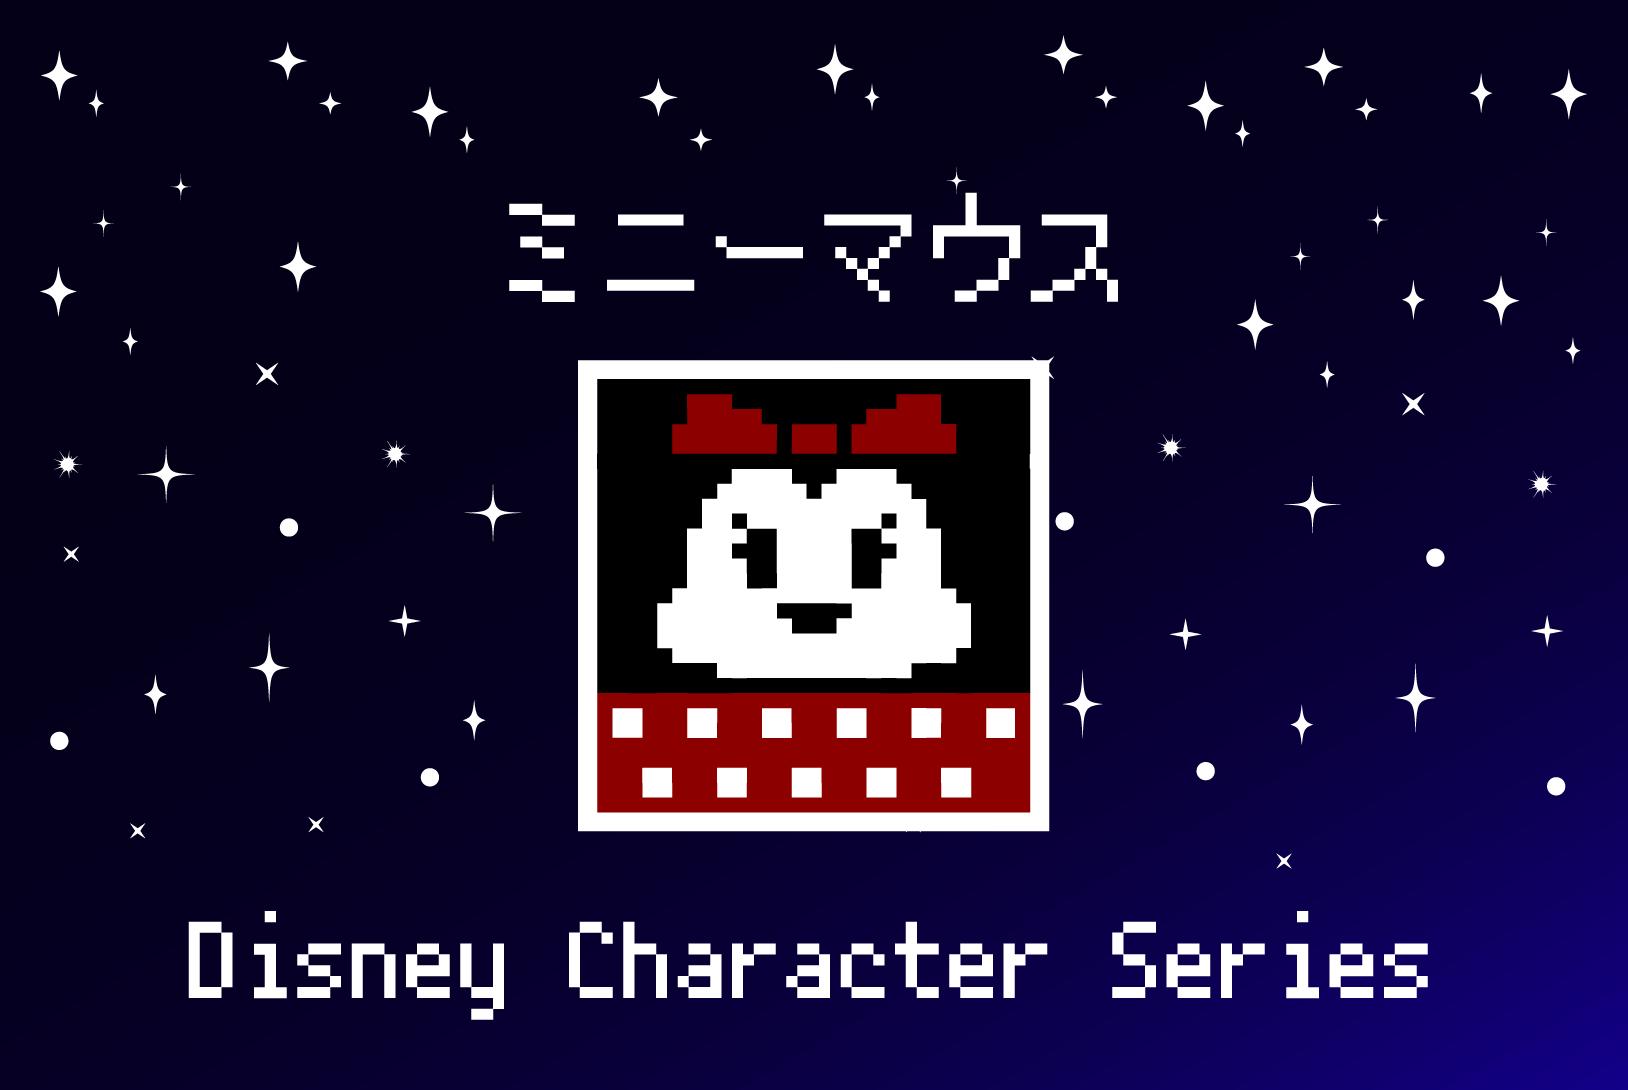 【ディズニー】プレート型ミニーマウスのアイロンビーズ図案【Disney】